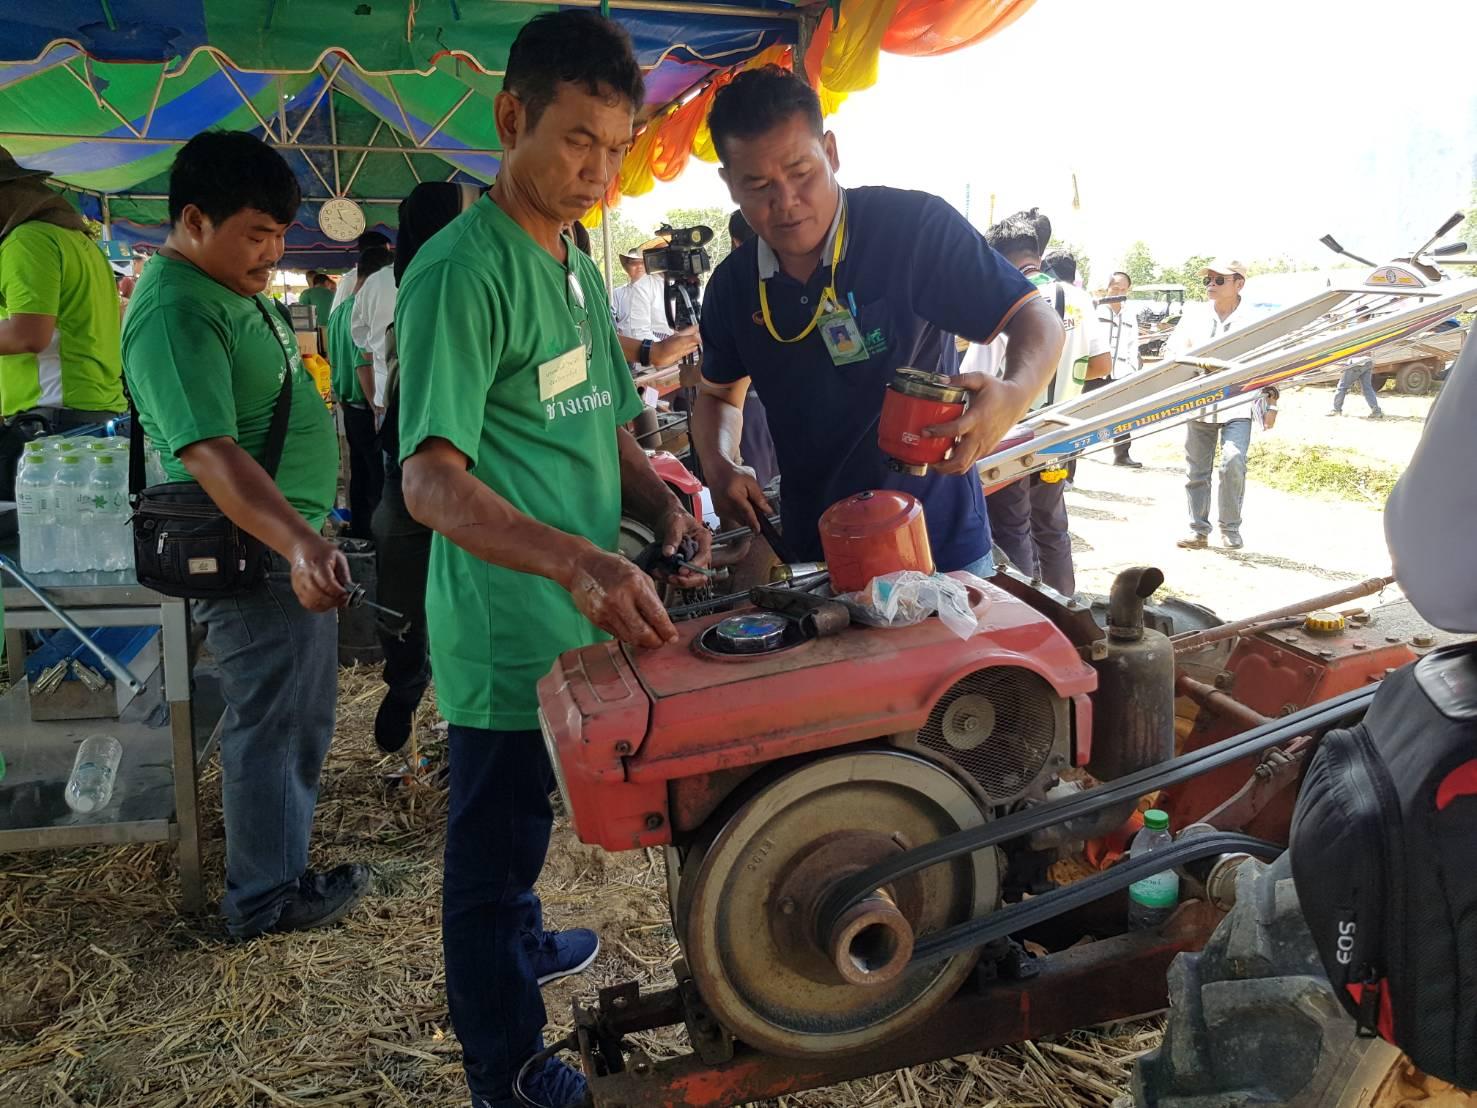 กรมส่งเสริมการเกษตร เร่งฟื้นฟูผู้ประสบอุทกภัย ซ่อมเครื่องยนต์เกษตรฟรี!